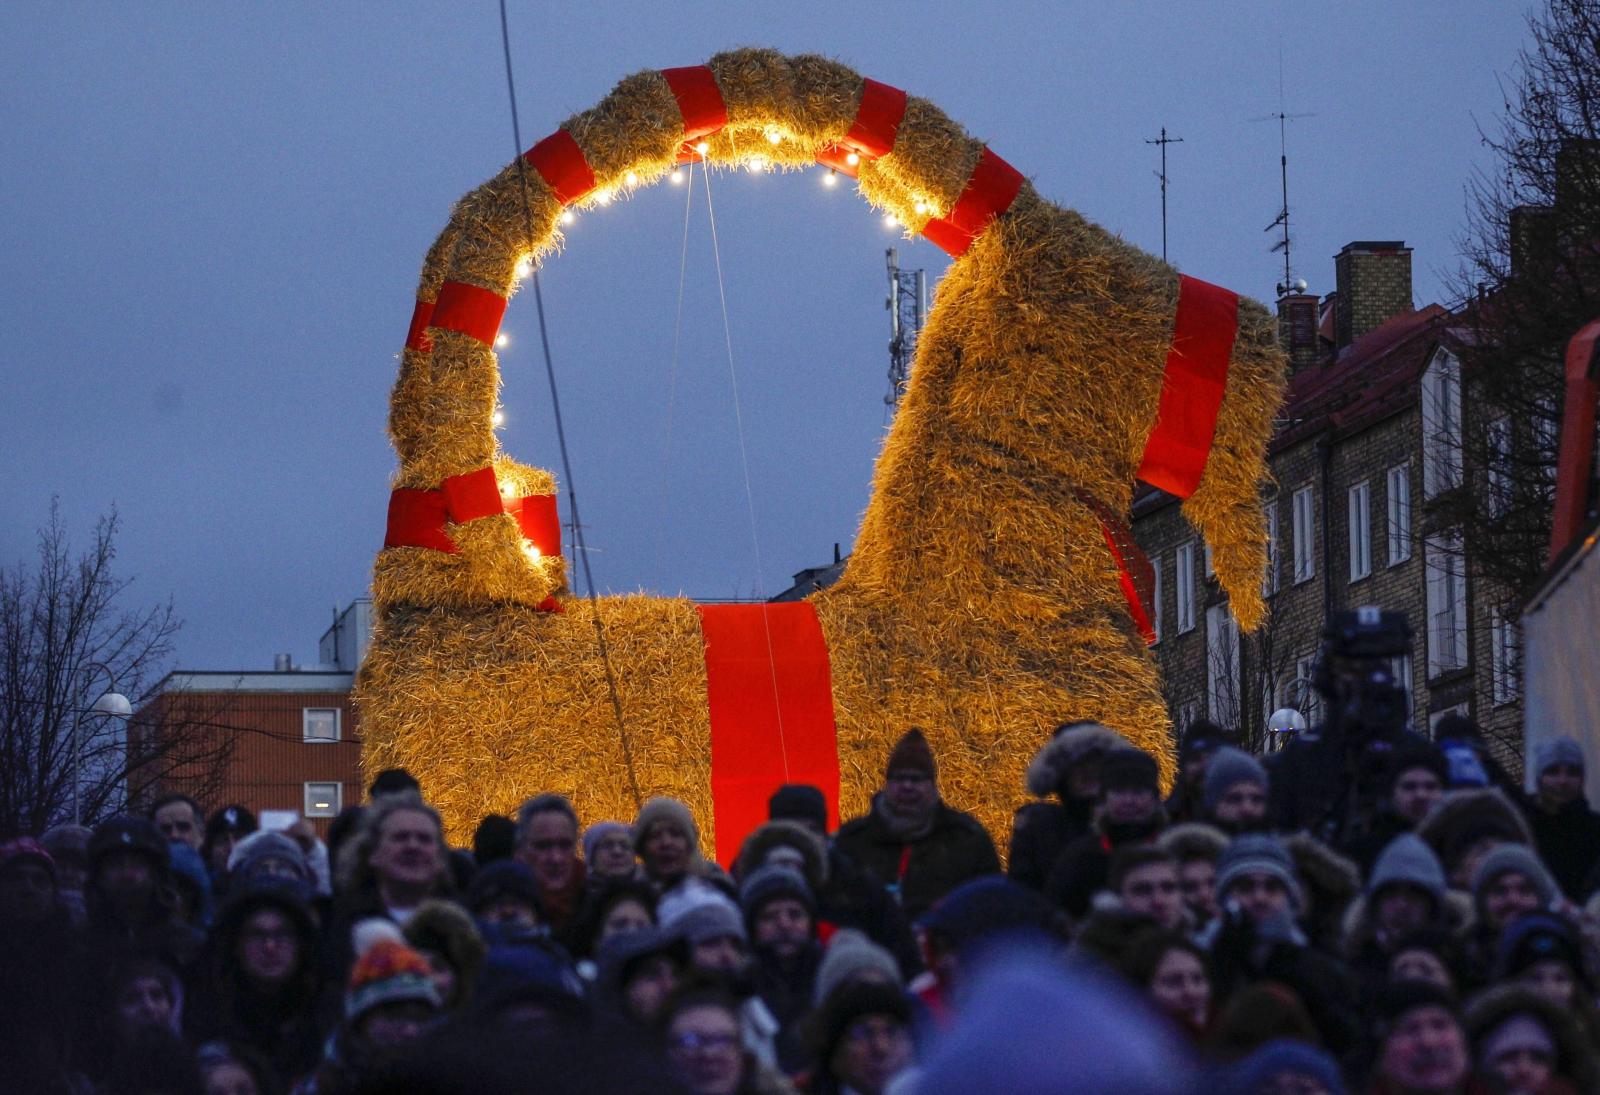 Tradycyjny świąteczny kozioł w Gavle, Szwecja.